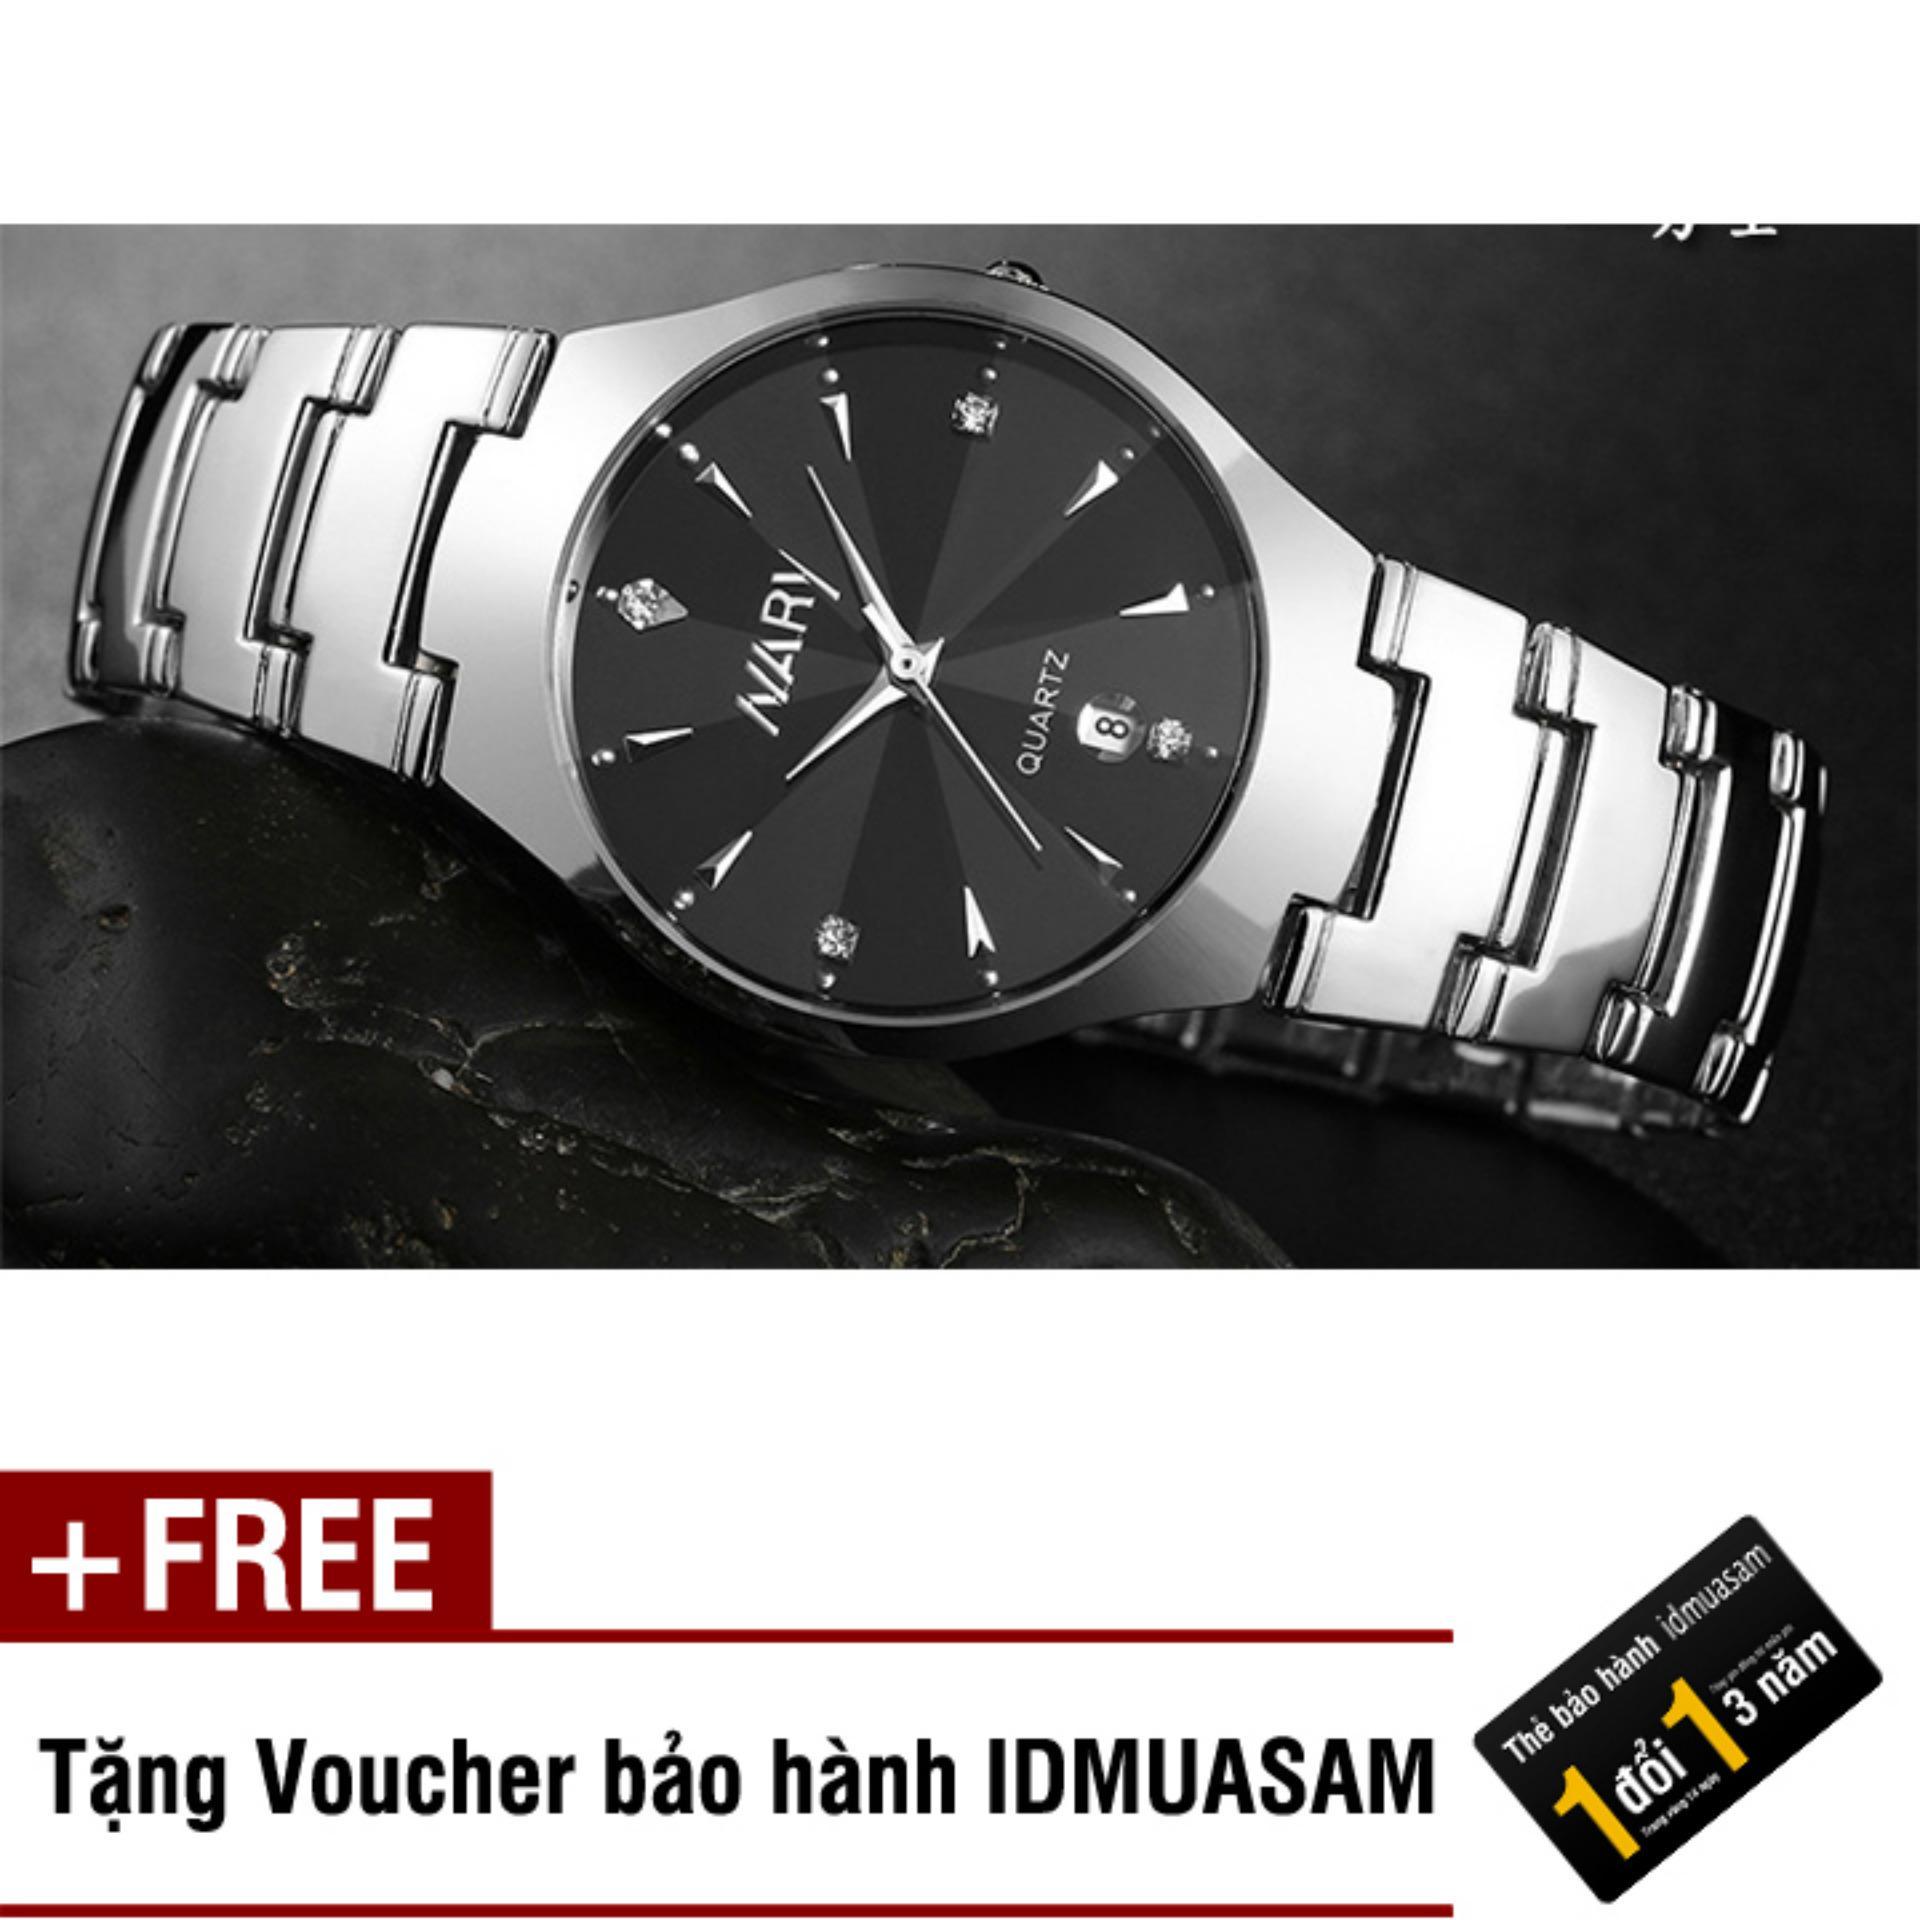 Tư vấn mua Đồng hồ nam dây thép không gỉ Nary 002A (Đen) + Tặng kèm voucher bảo hành IDMUASAM